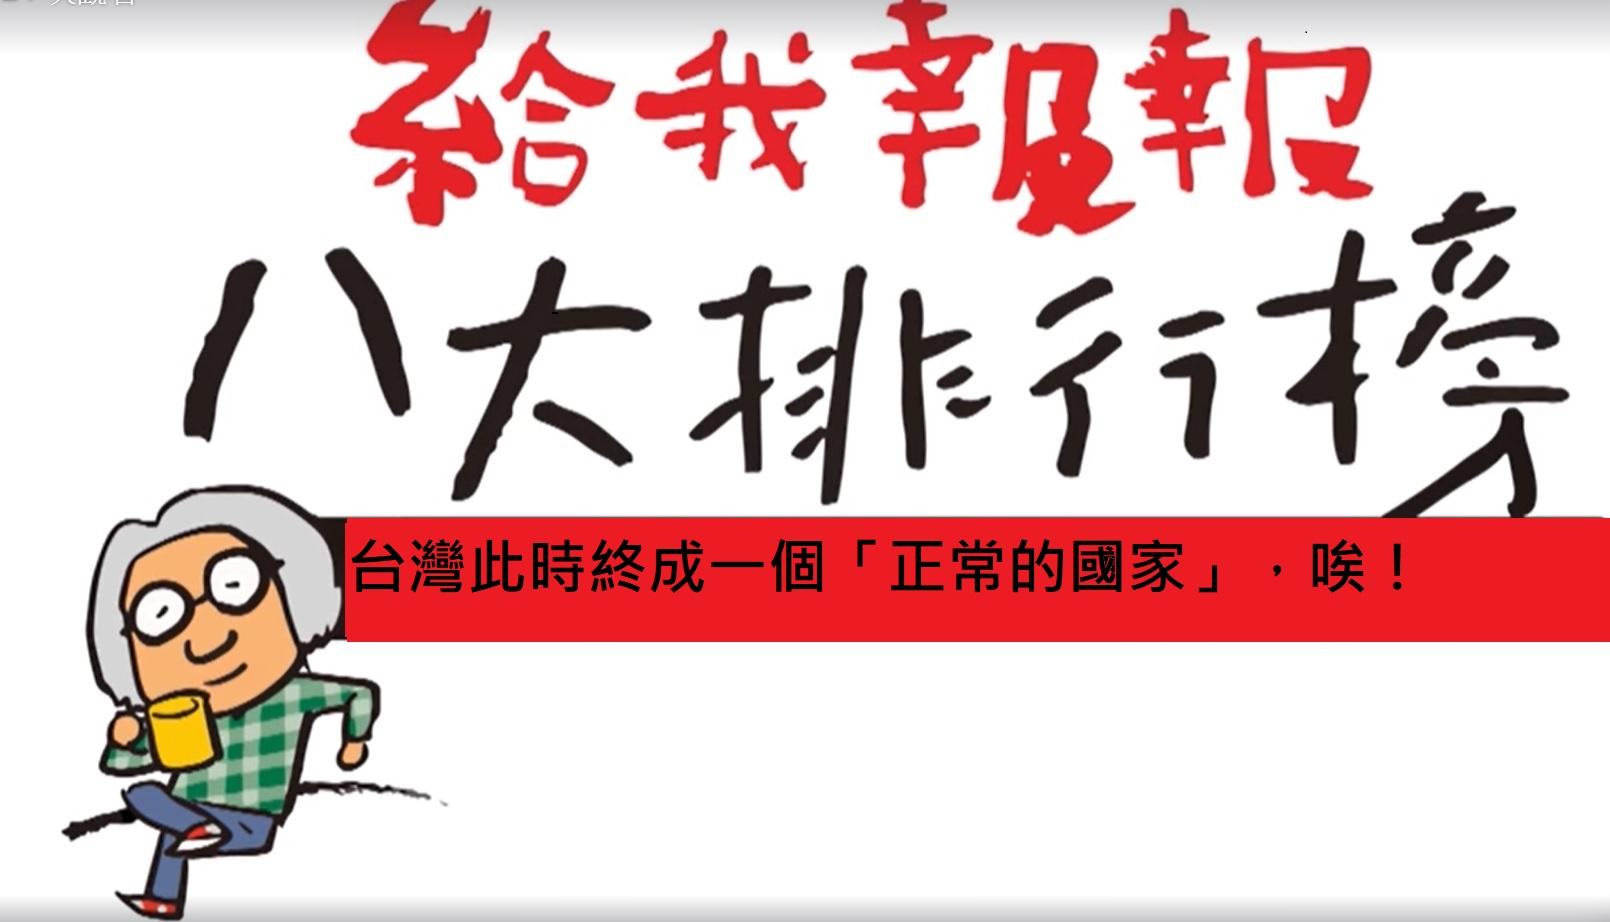 台灣此時終成一個「正常的國家」,唉!